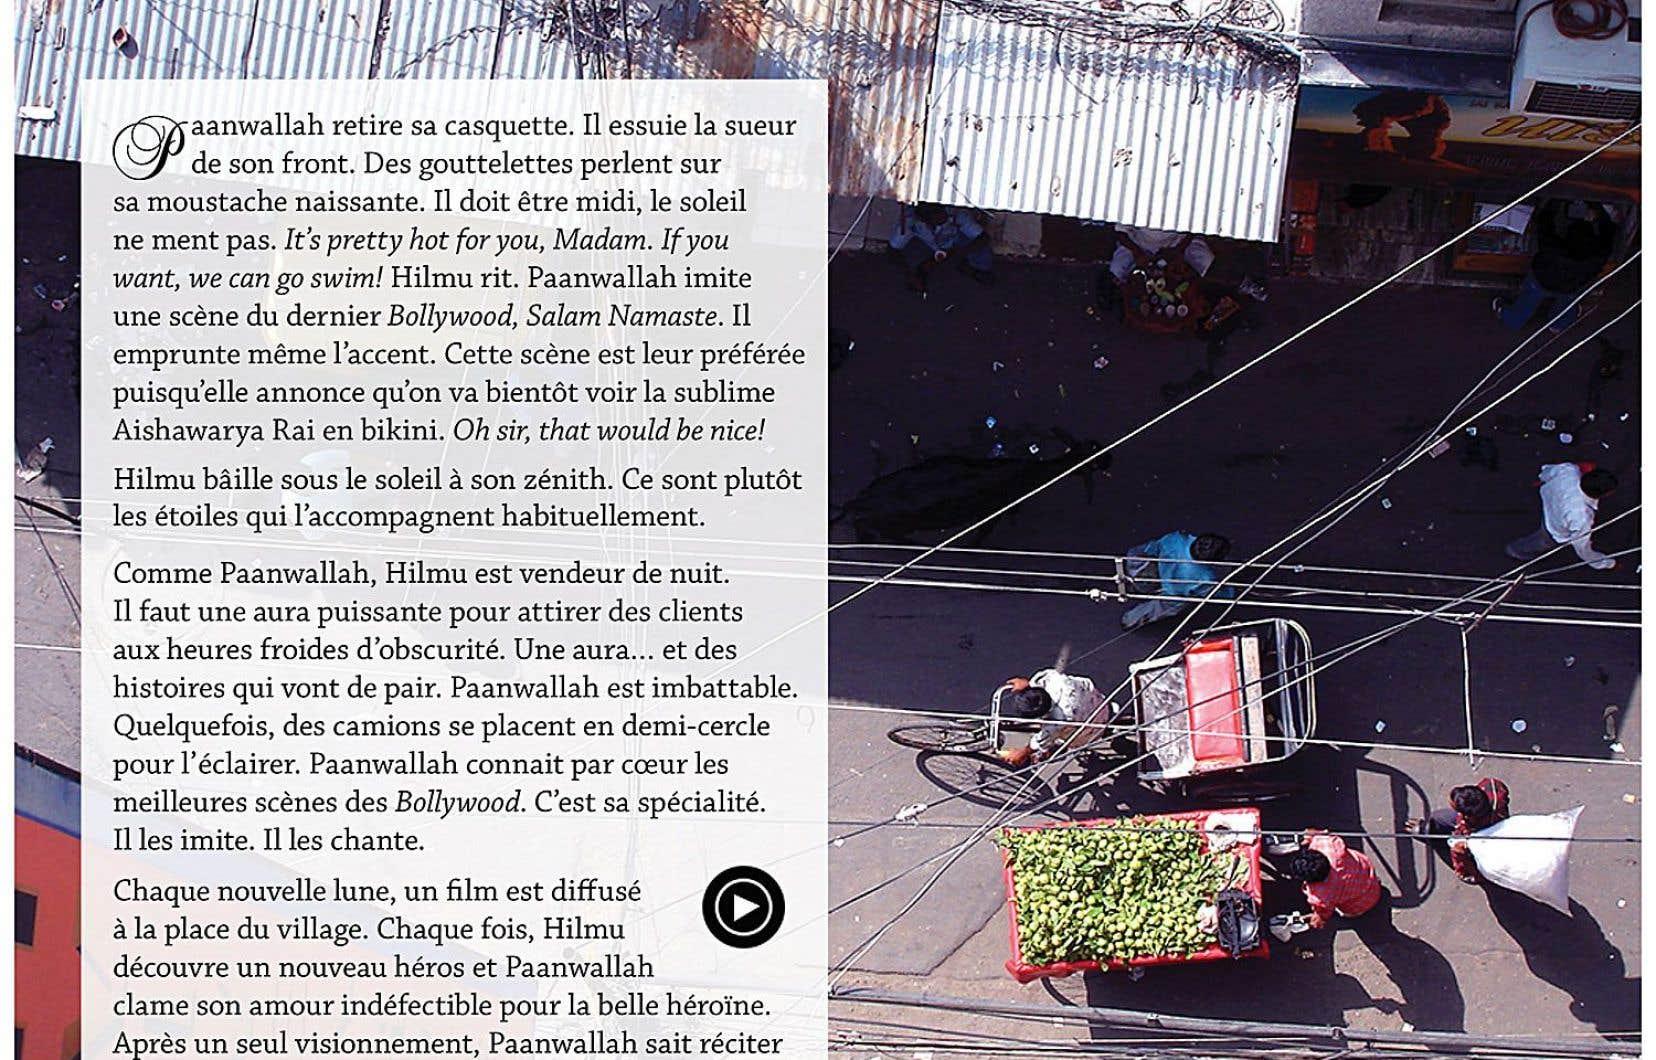 Bienvenue dans Le vendeur de goyaves, premier roman immersif du globe-trotter Ugo Monticone. Ça veut dire quoi? Ça veut dire que lorsque notre protagoniste traverse la cohue du marché public d'Ahmedabad, une vidéo tournée par l'auteur au marché public d'Ahmedabad peut être visionnée.